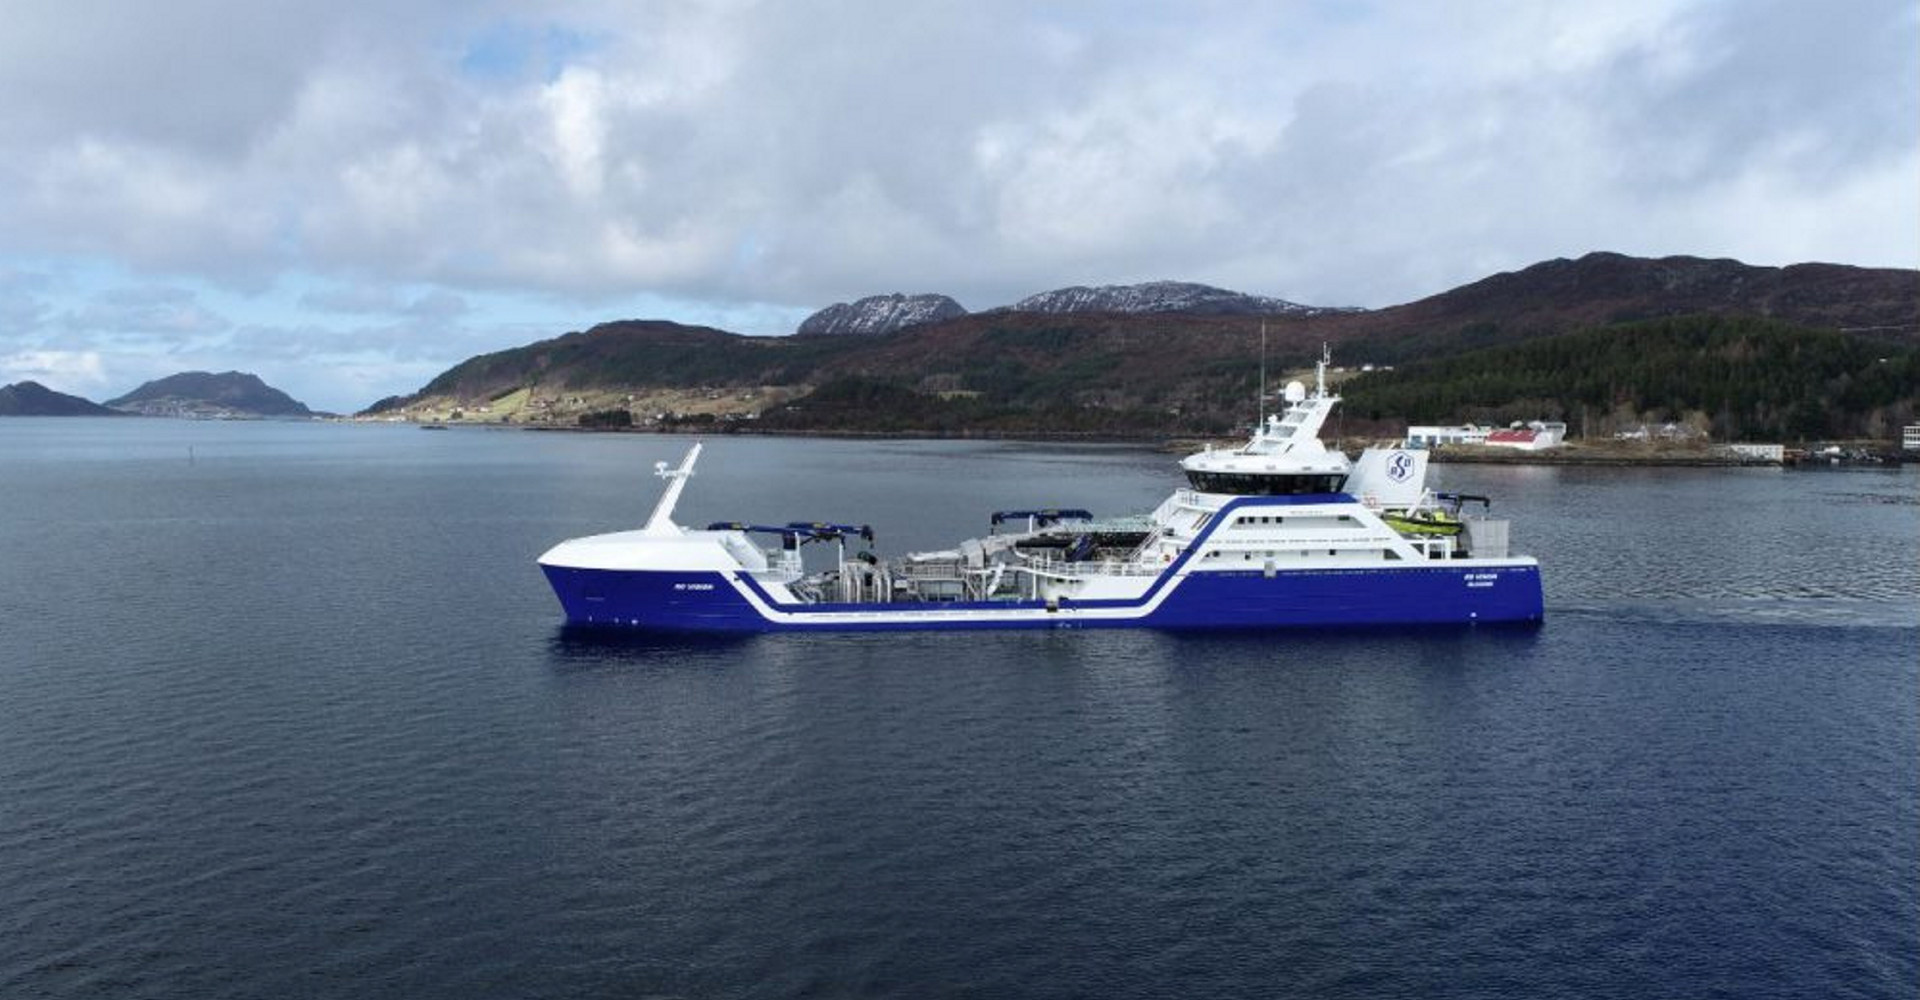 Verdens første hybride brønnbåt, Ro Vision. Foto: Larsnes Mek. Verksted